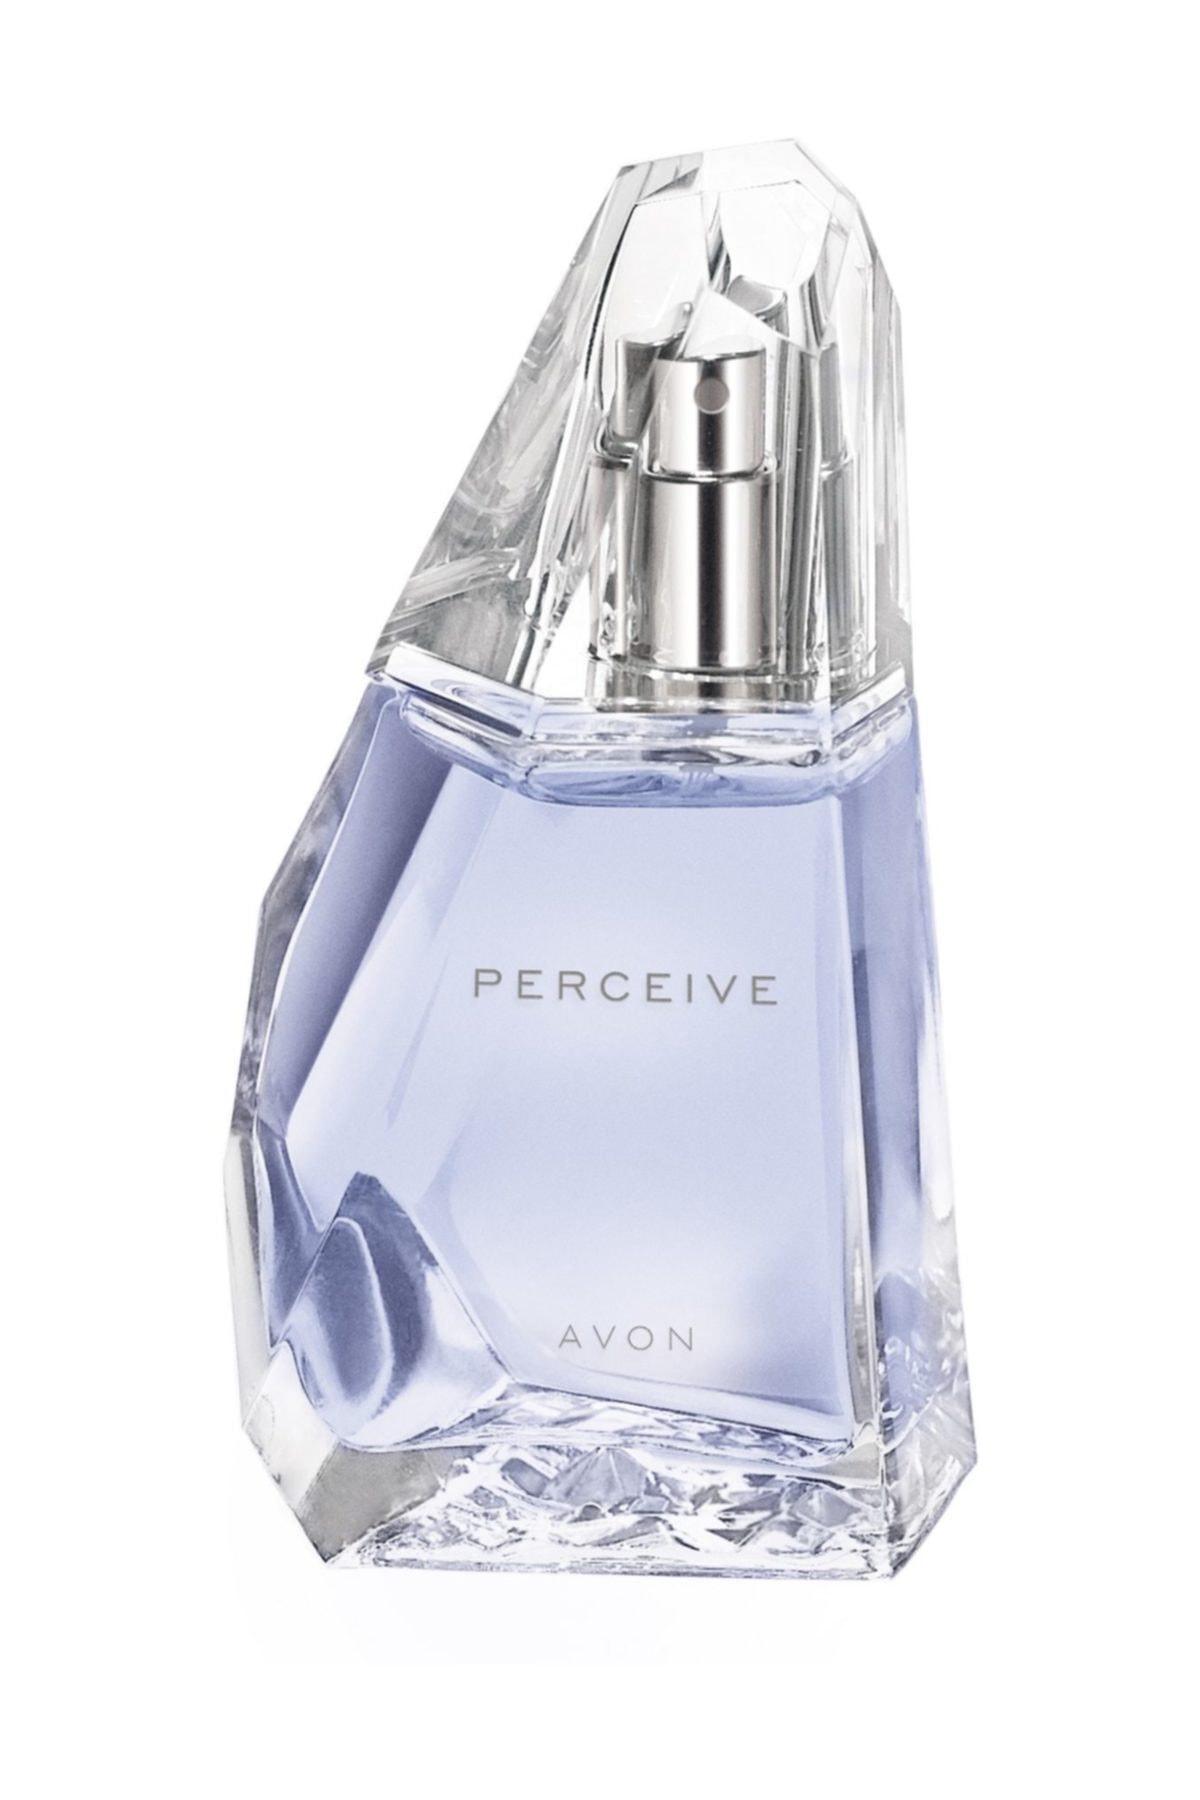 AVON Perceive Edp 50 Ml Kadın Parfümü 1